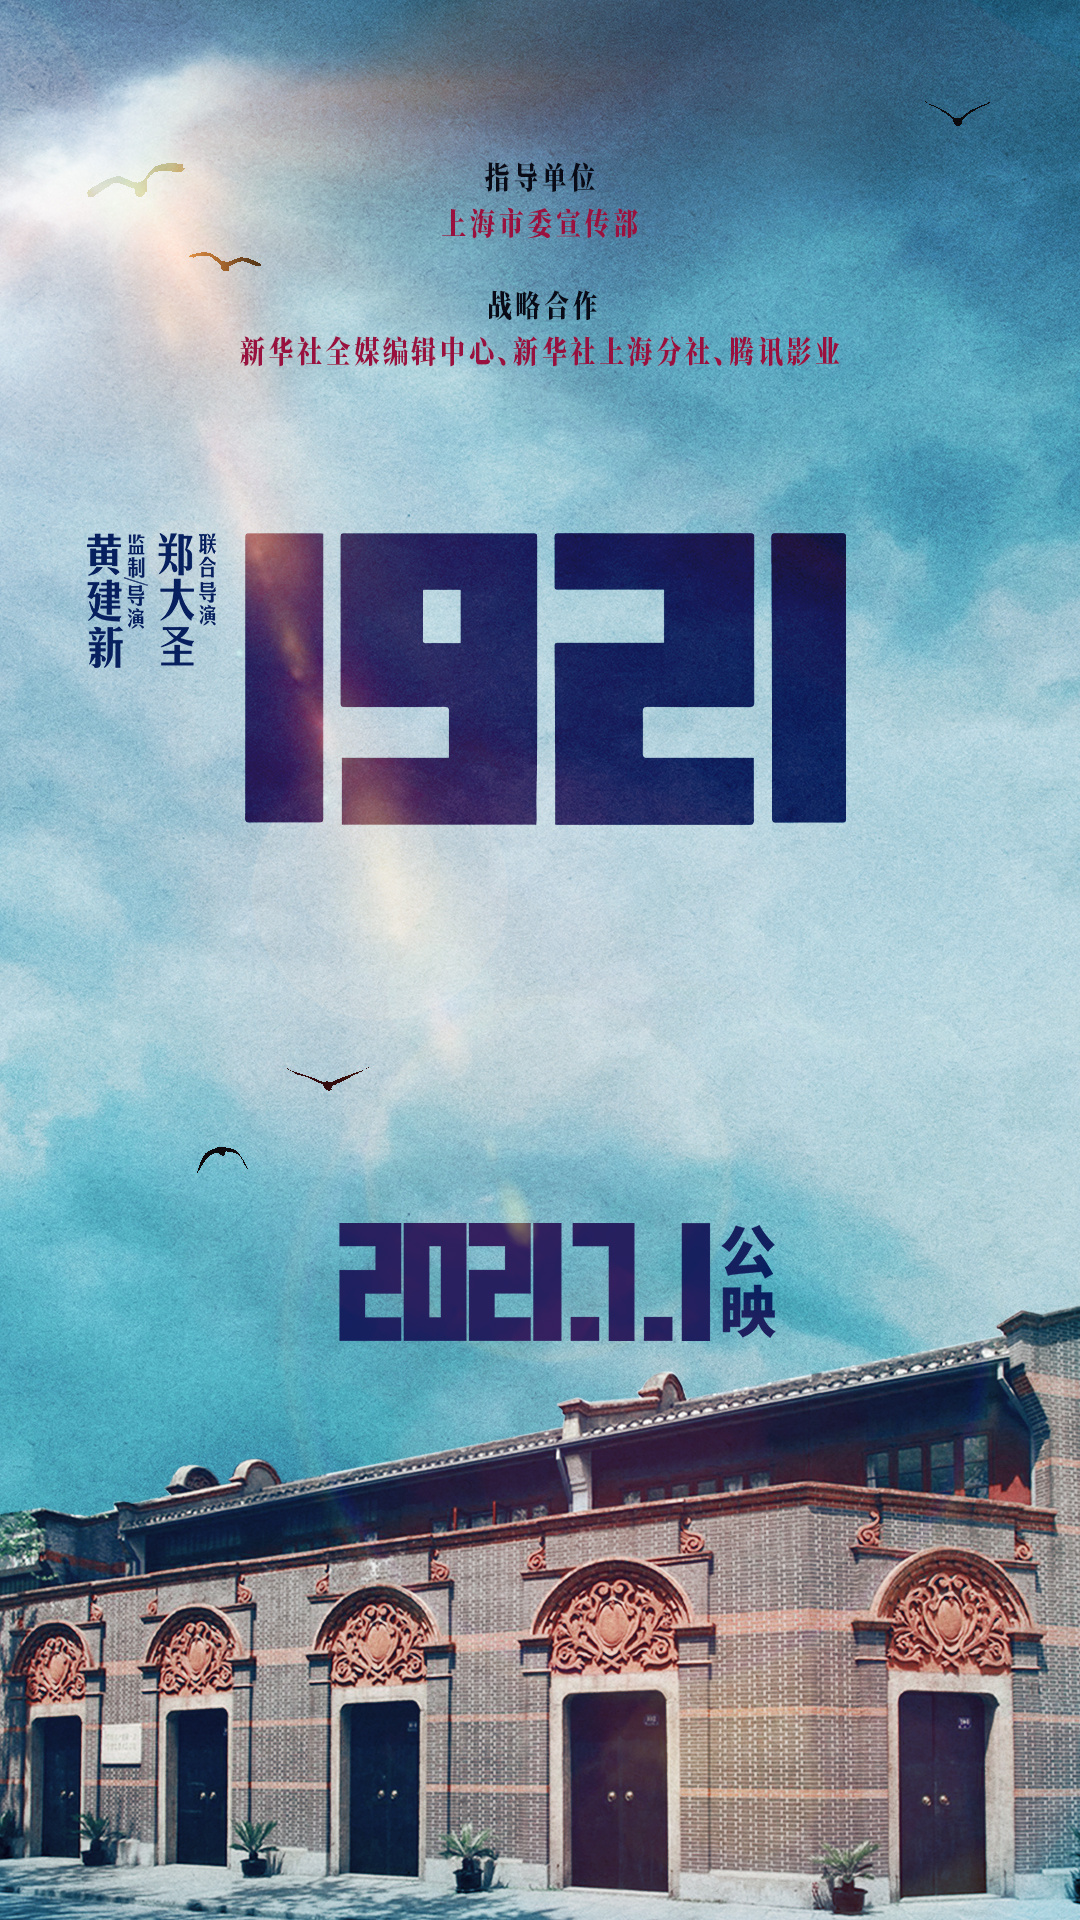 黄建新解读电影《1921》:以全新故事再现黄金年代